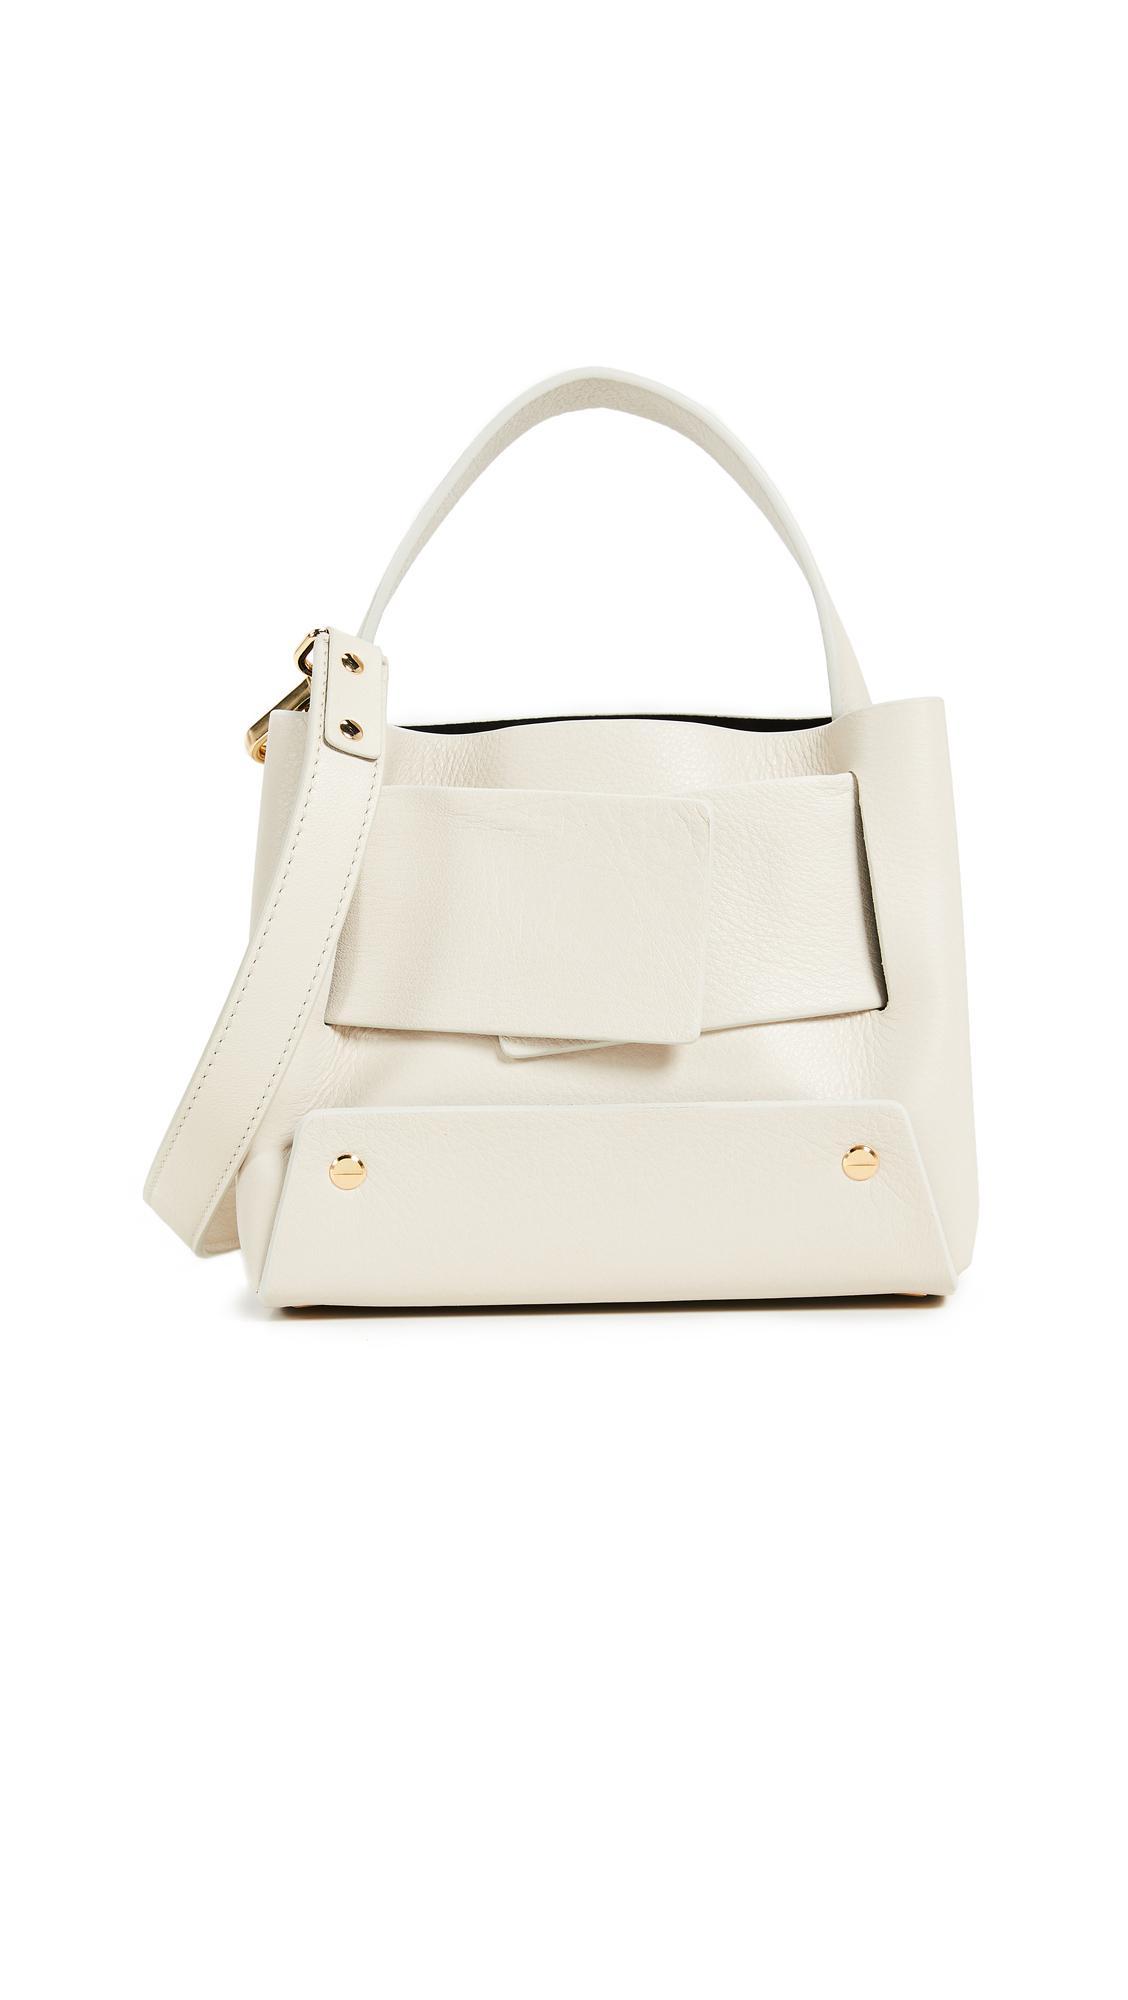 Yuzefi Dinky Bag In Cream